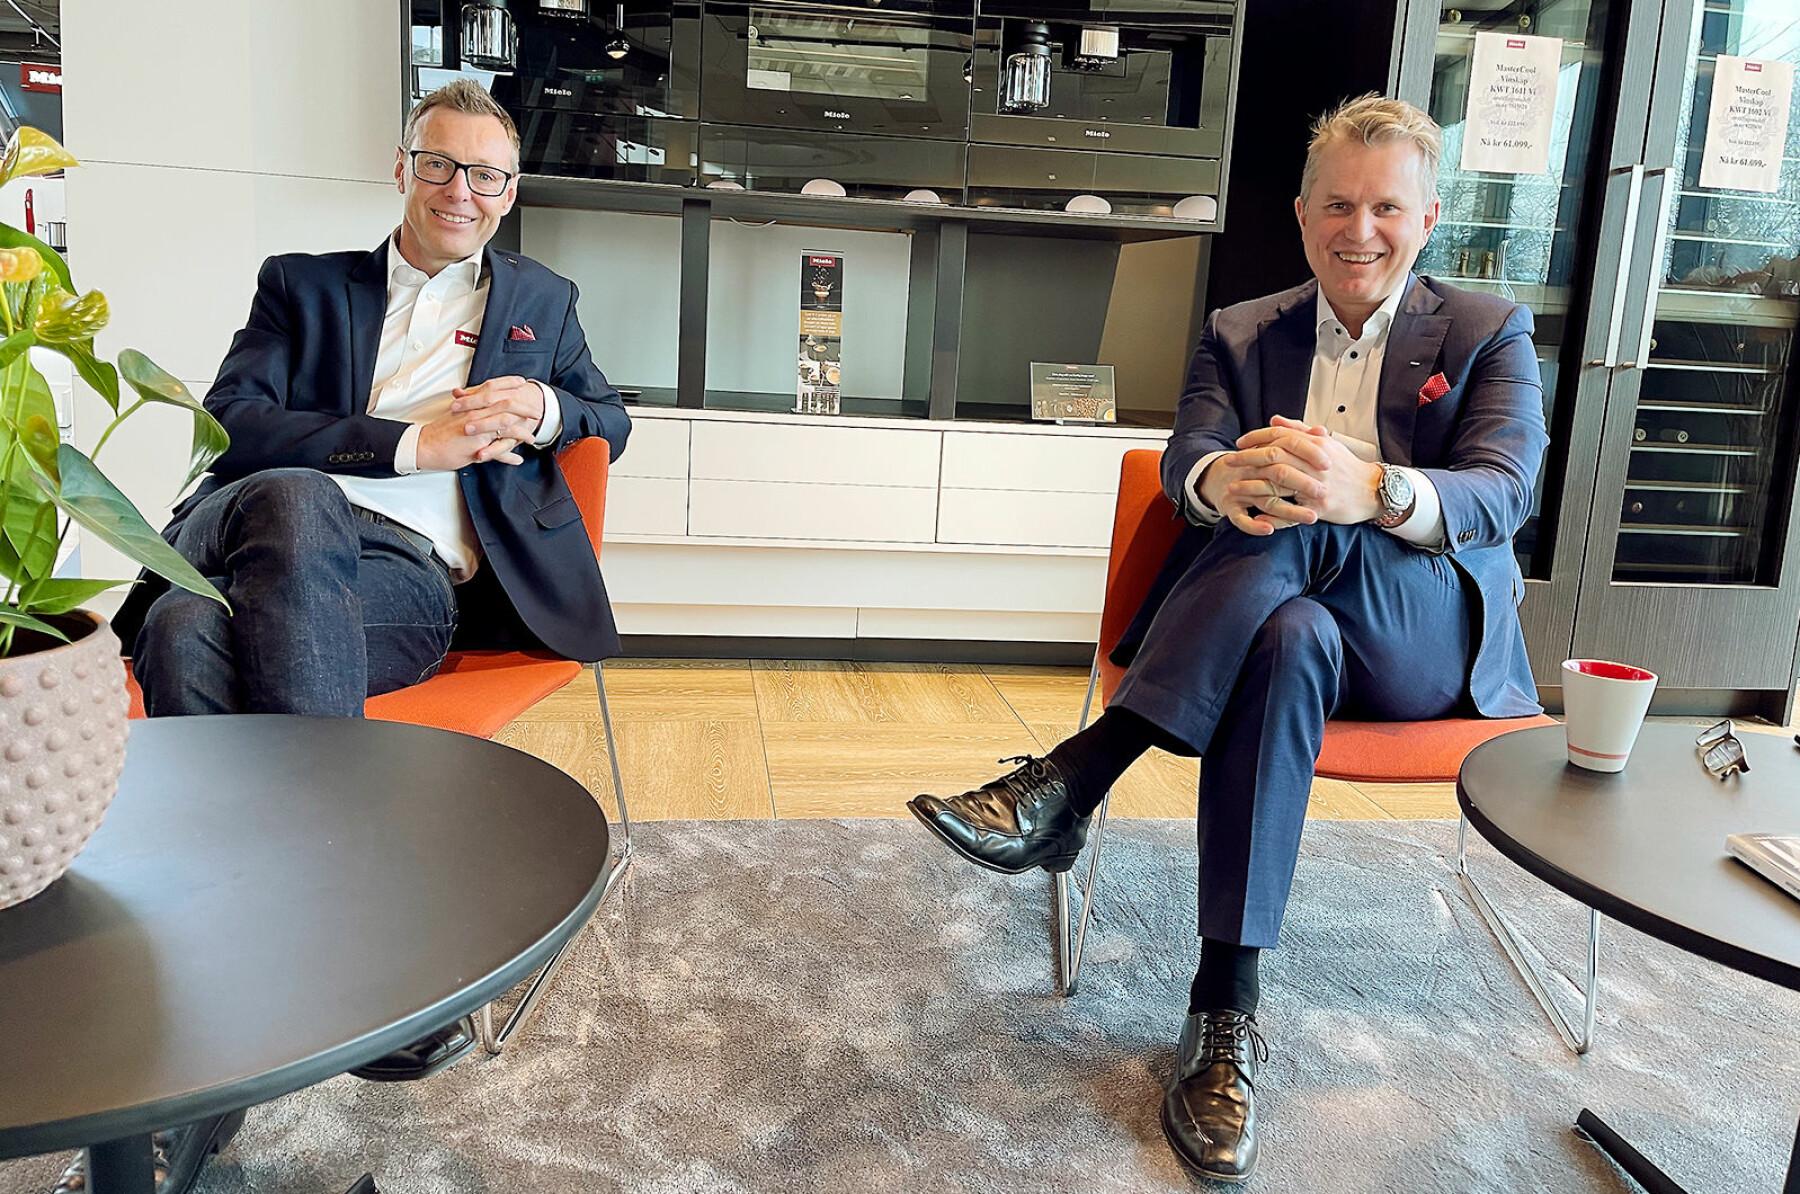 Anders Kjekstad og Espen Tho ved Mieles hovedkontor i Asker. Foto: Stian Sønsteng